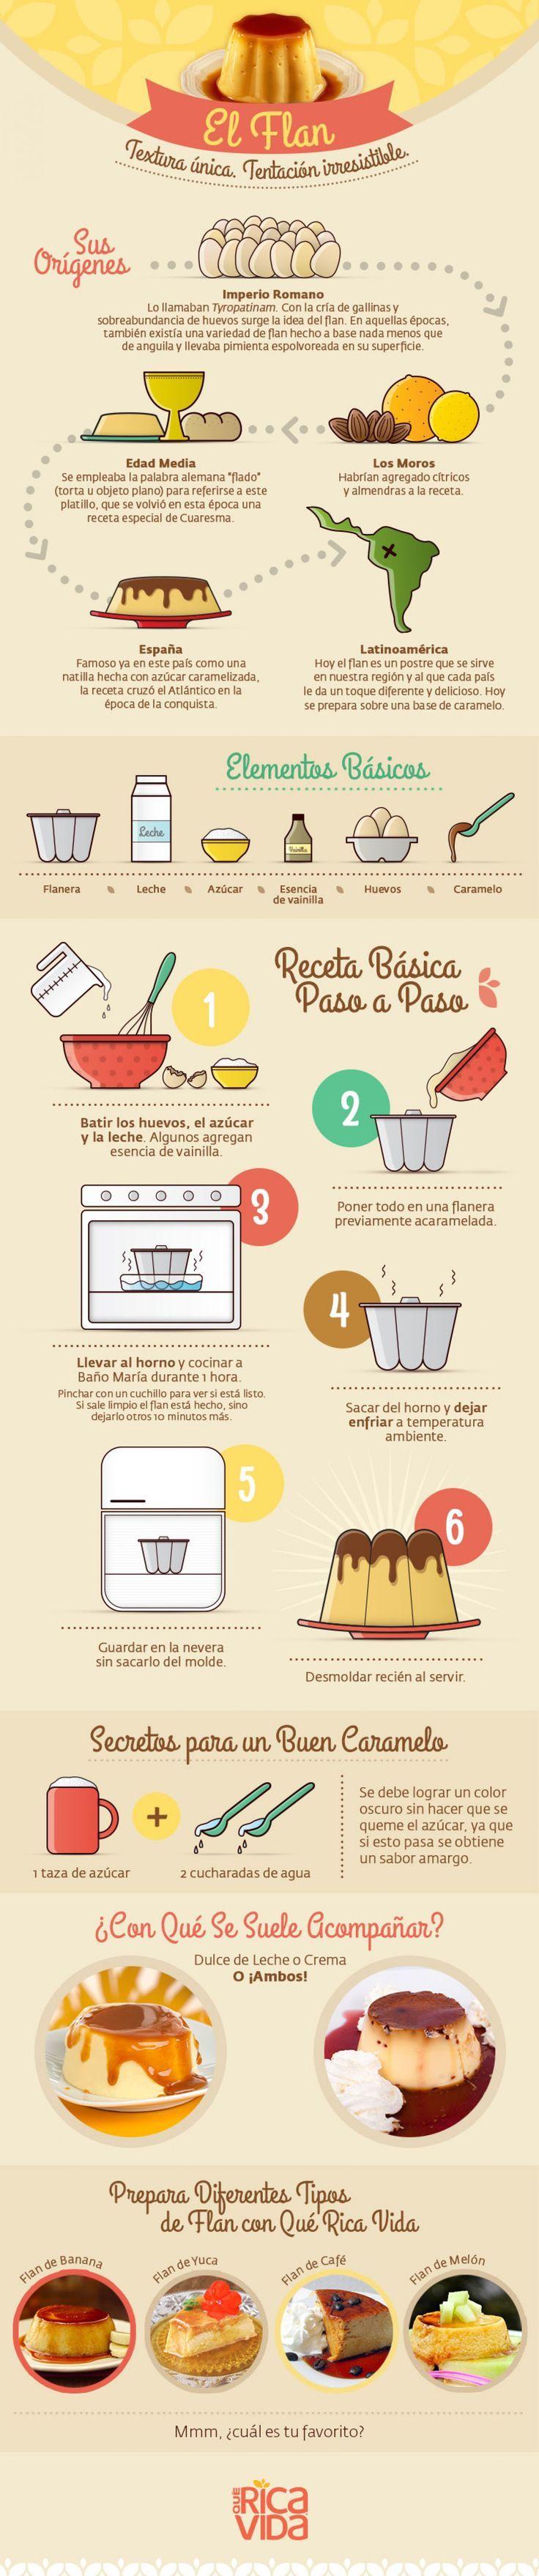 Historia del flan y recetas https://www.pinterest.com/jacquesoger/cocinarecetas-alimentostapas-aperitivosy-m%C3%A1s/ | https://lomejordelaweb.es/